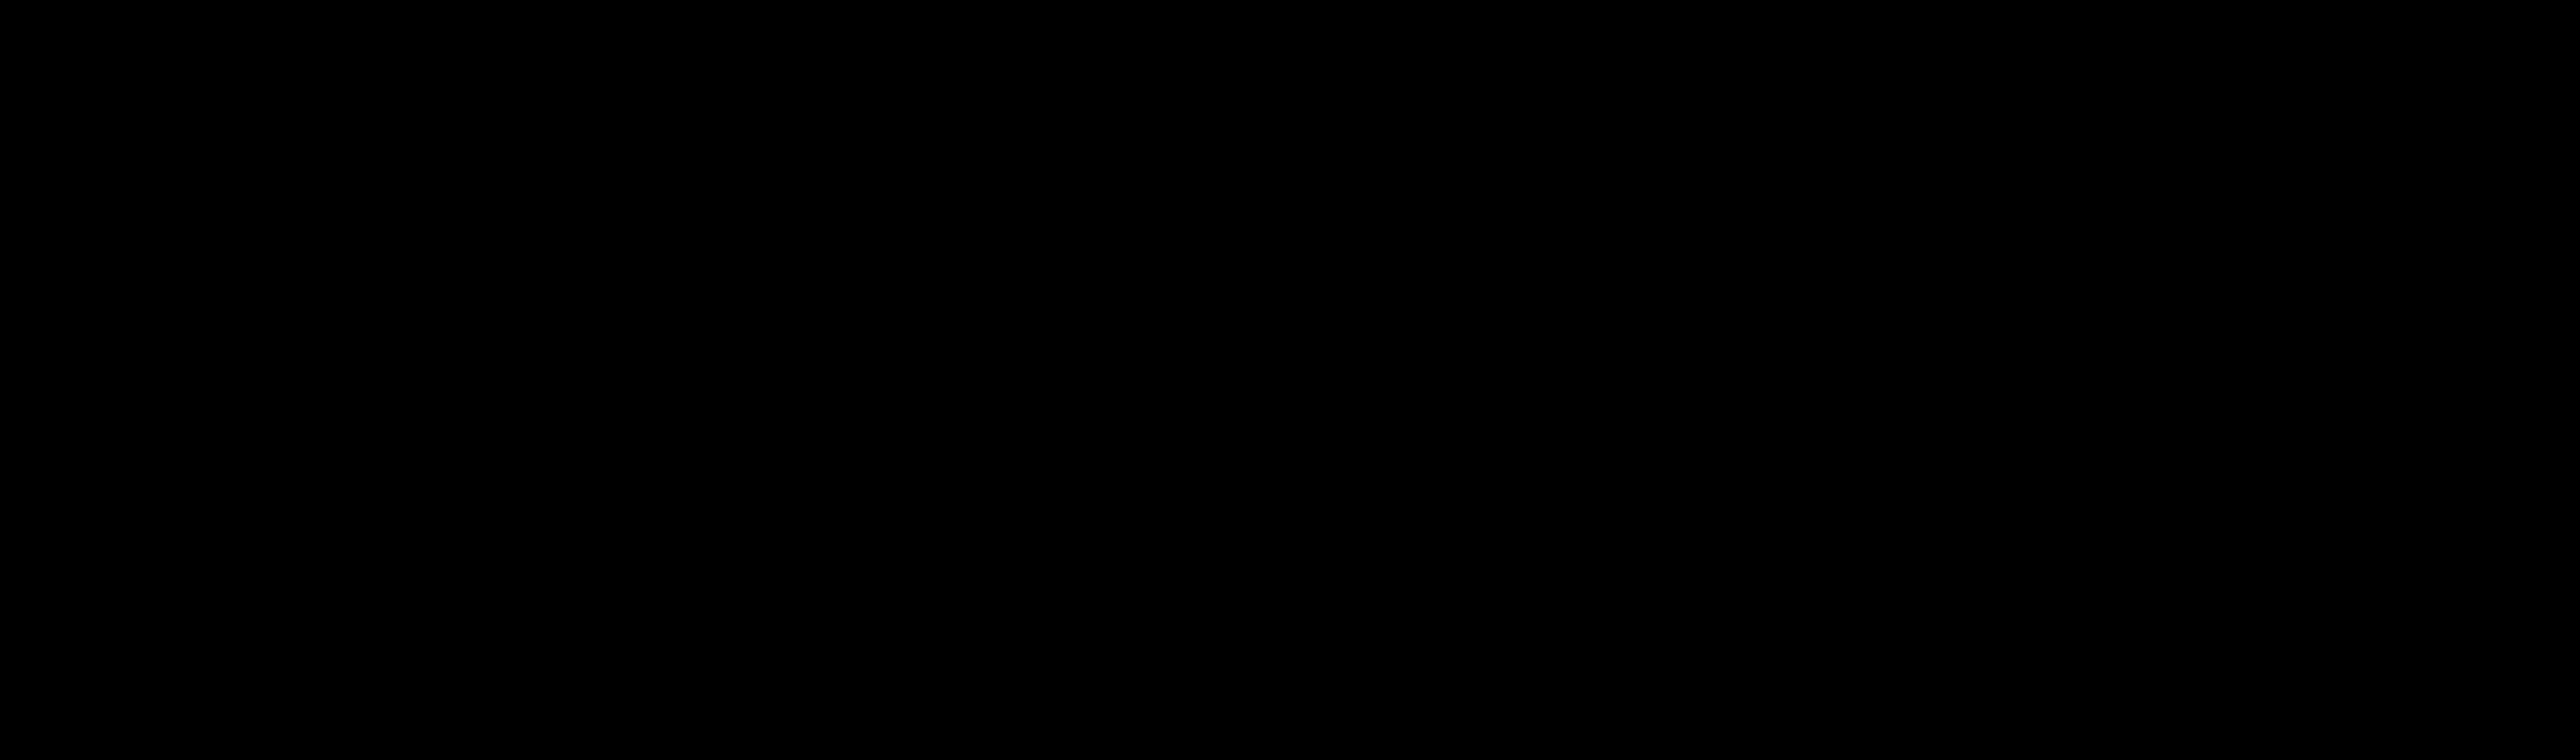 子犬のしつけは大阪・兵庫のEPIC-WAN【エピックワン】 白黒ロゴ